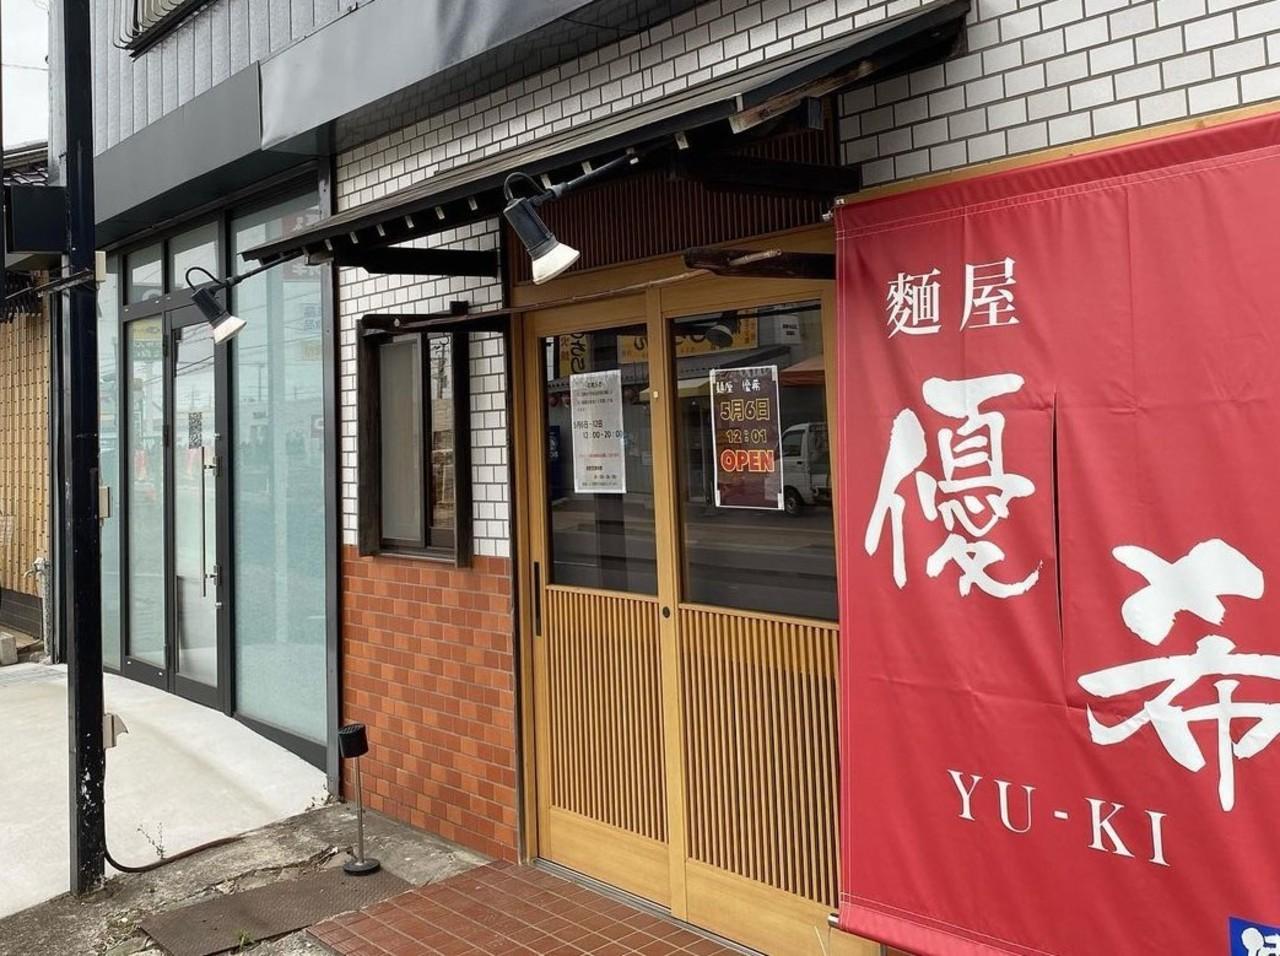 千葉県野田市尾崎に「麺屋優希」が本日オープンのようです。